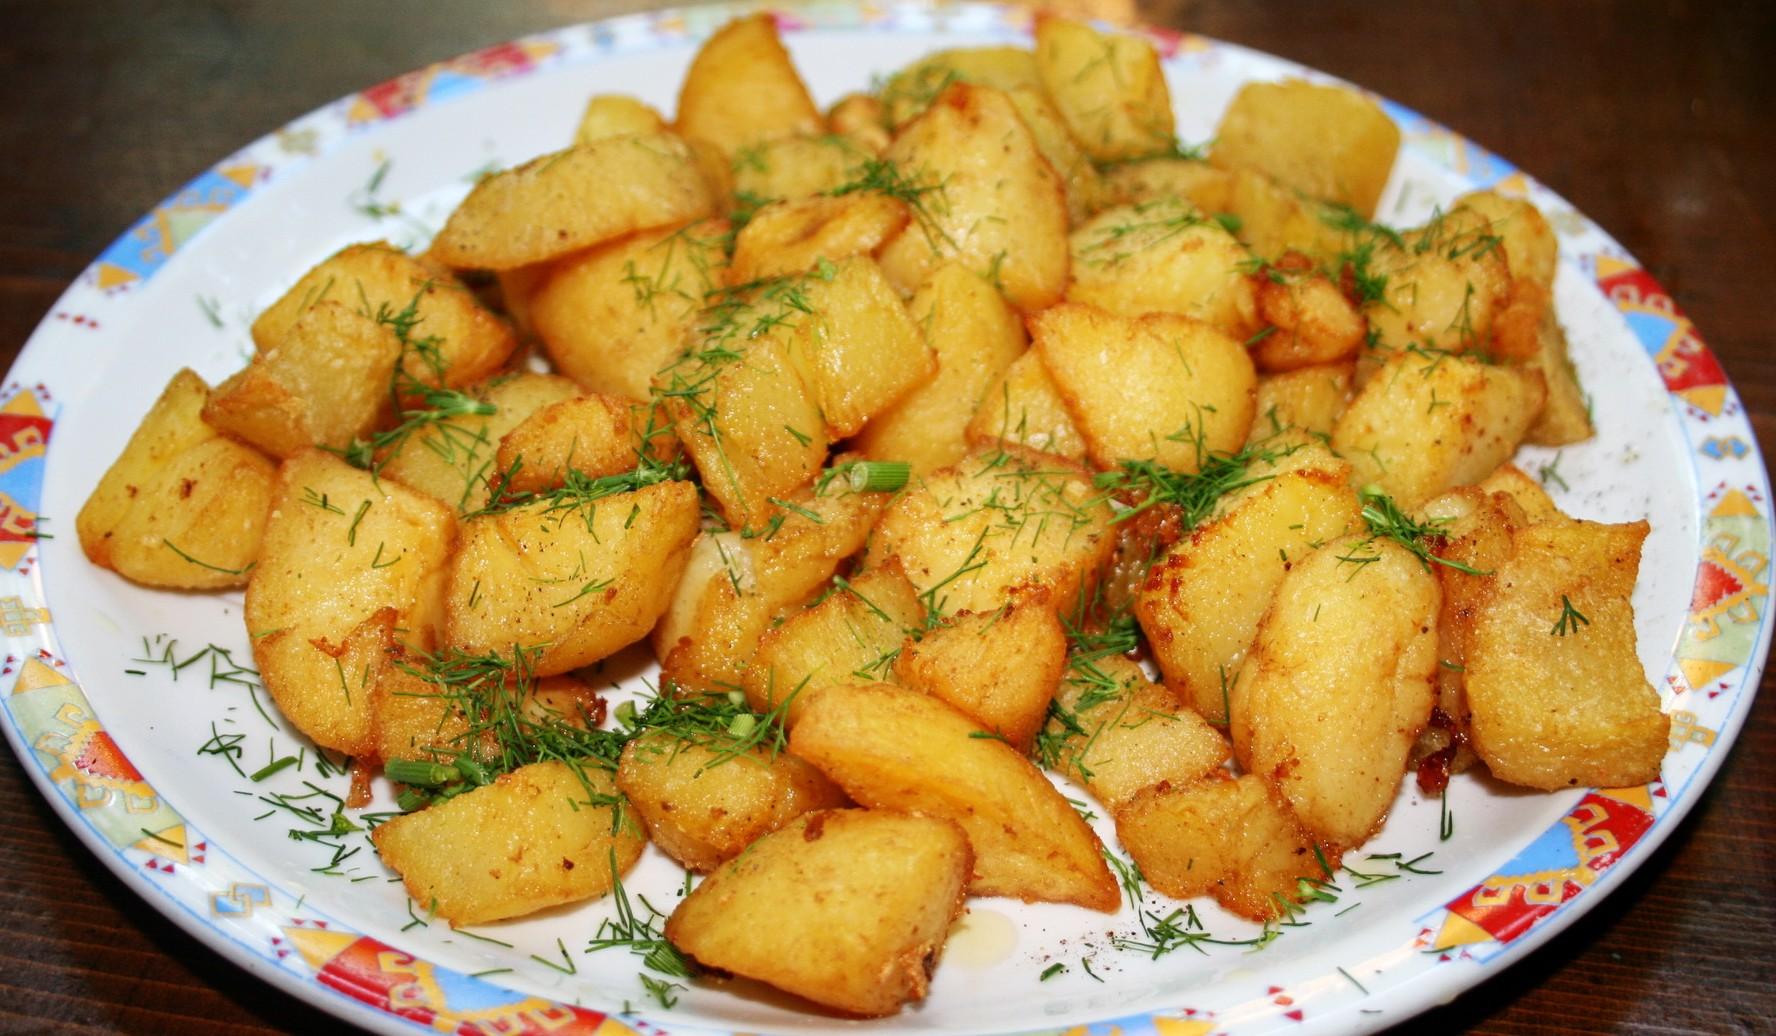 картофель по деревенски в духовке рецепт с фото молодой